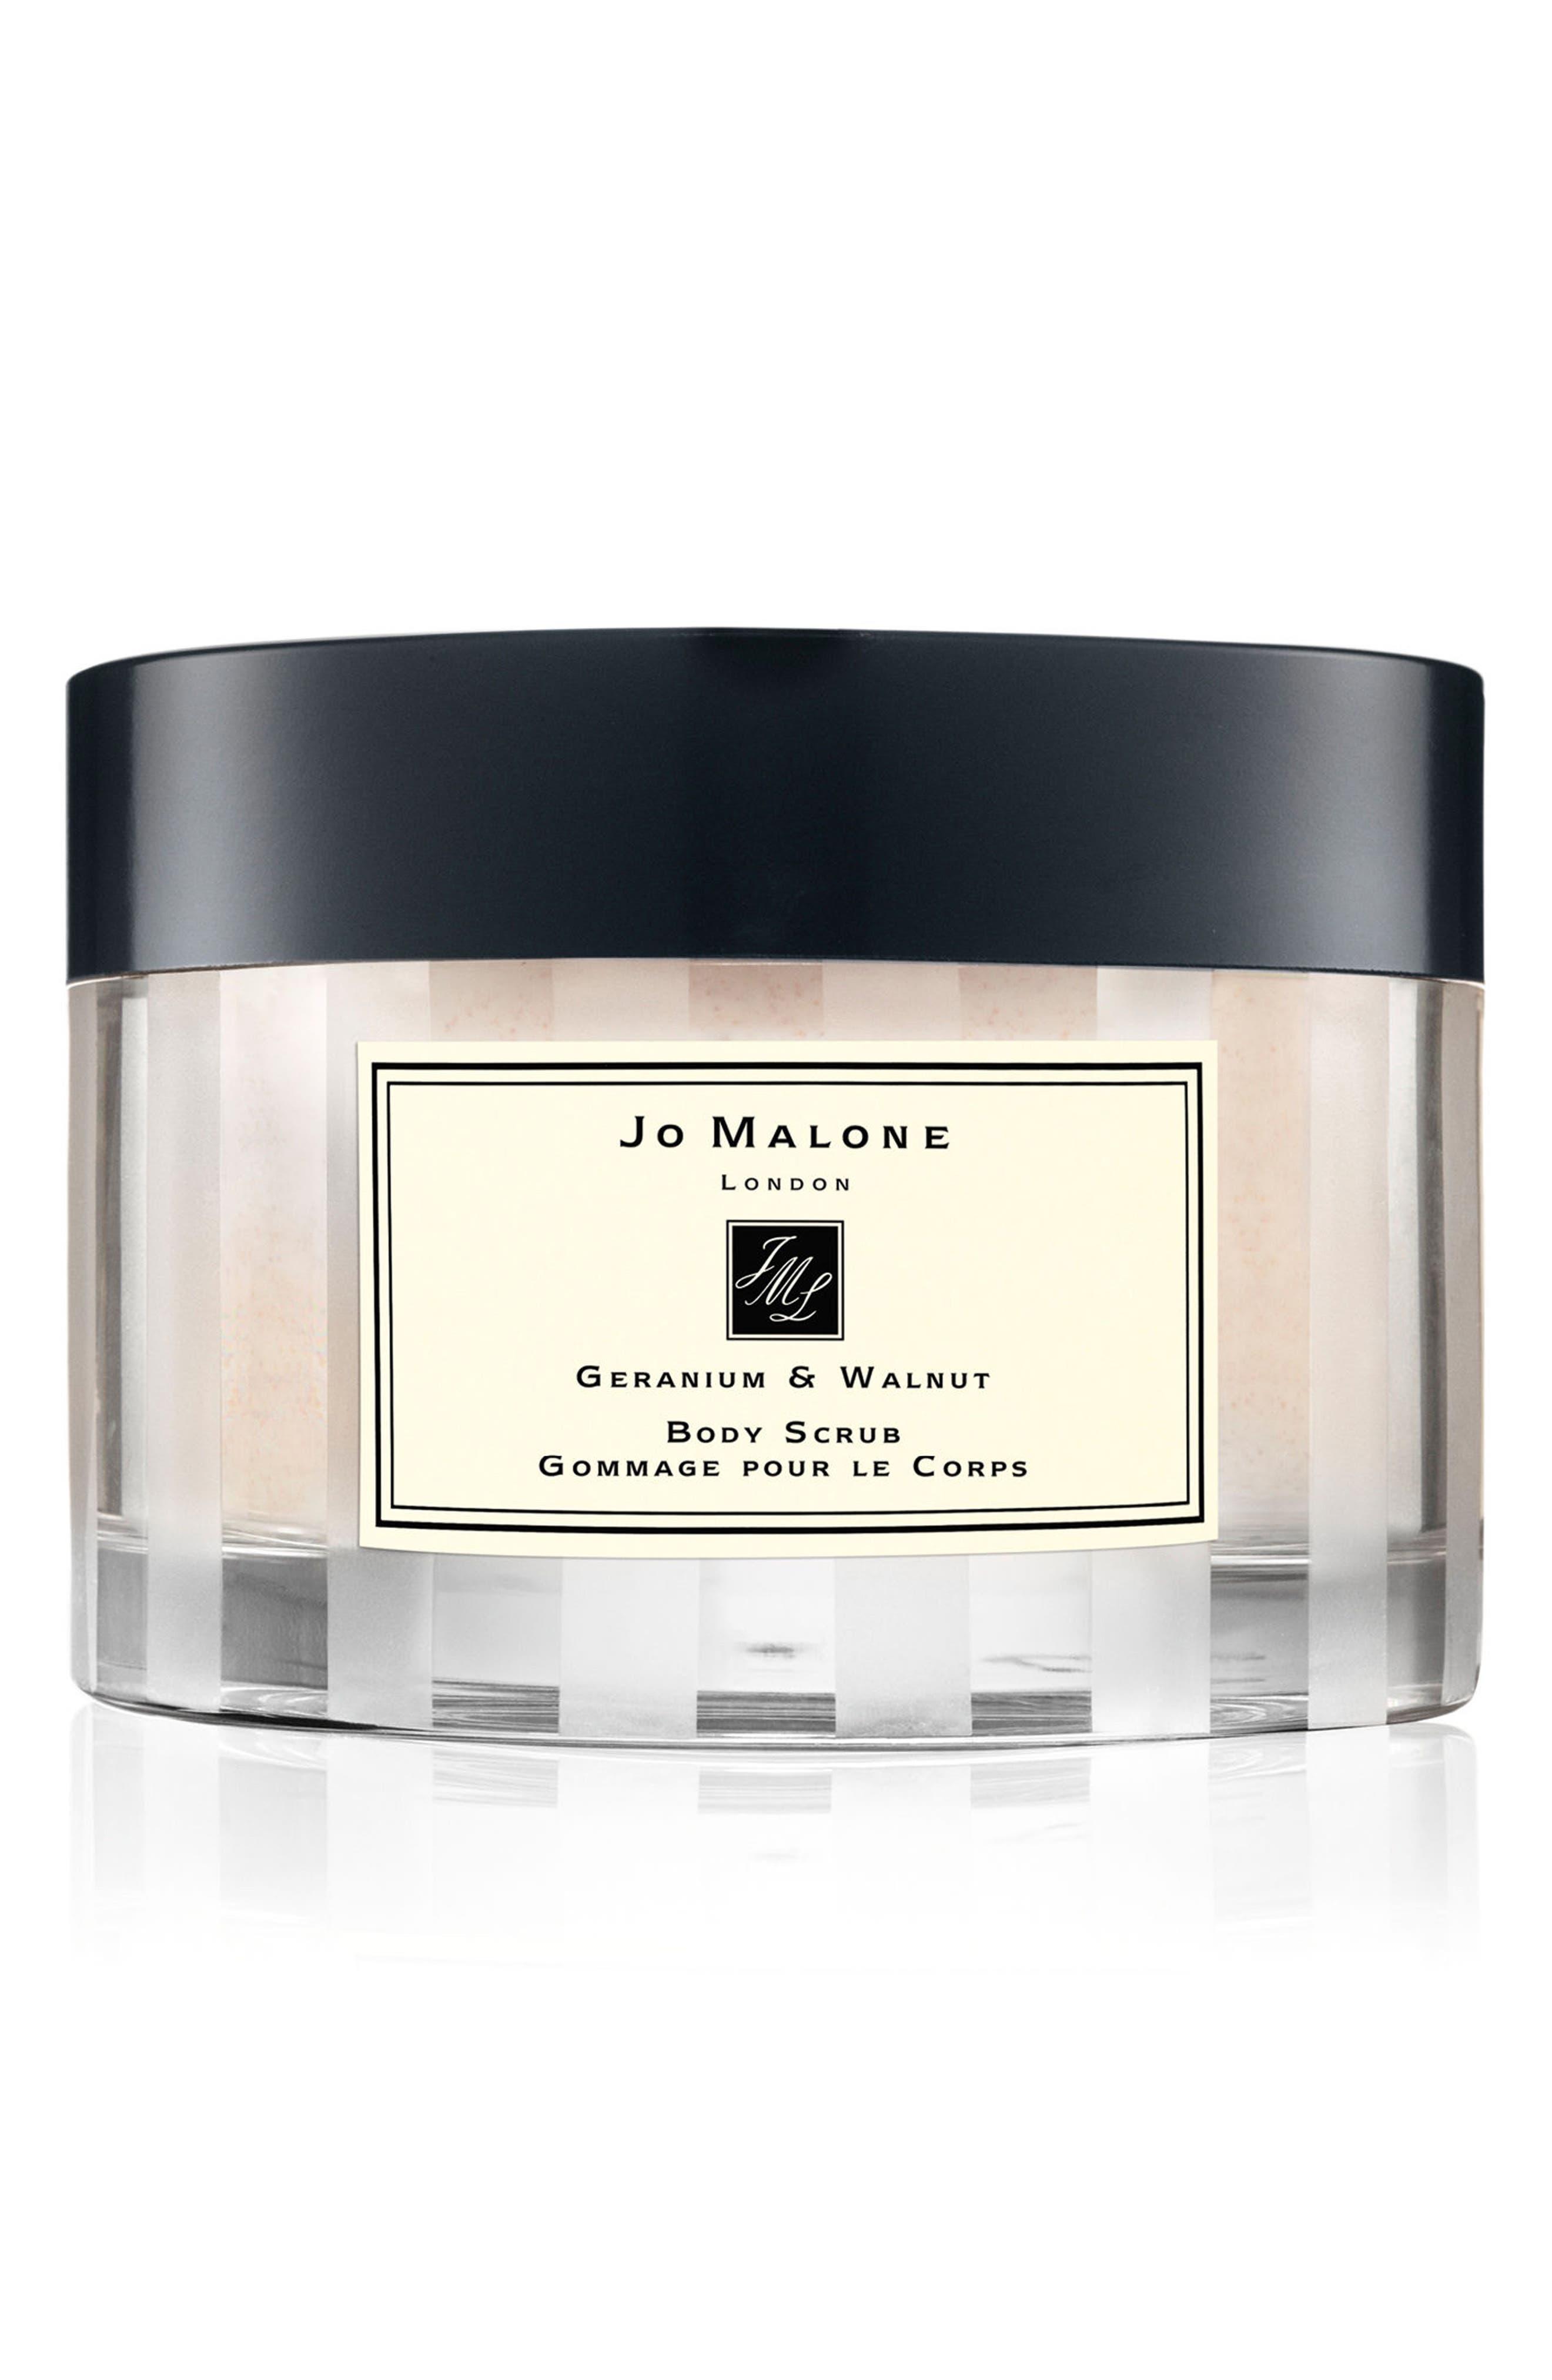 Jo Malone London(TM) Geranium & Walnut Body Scrub